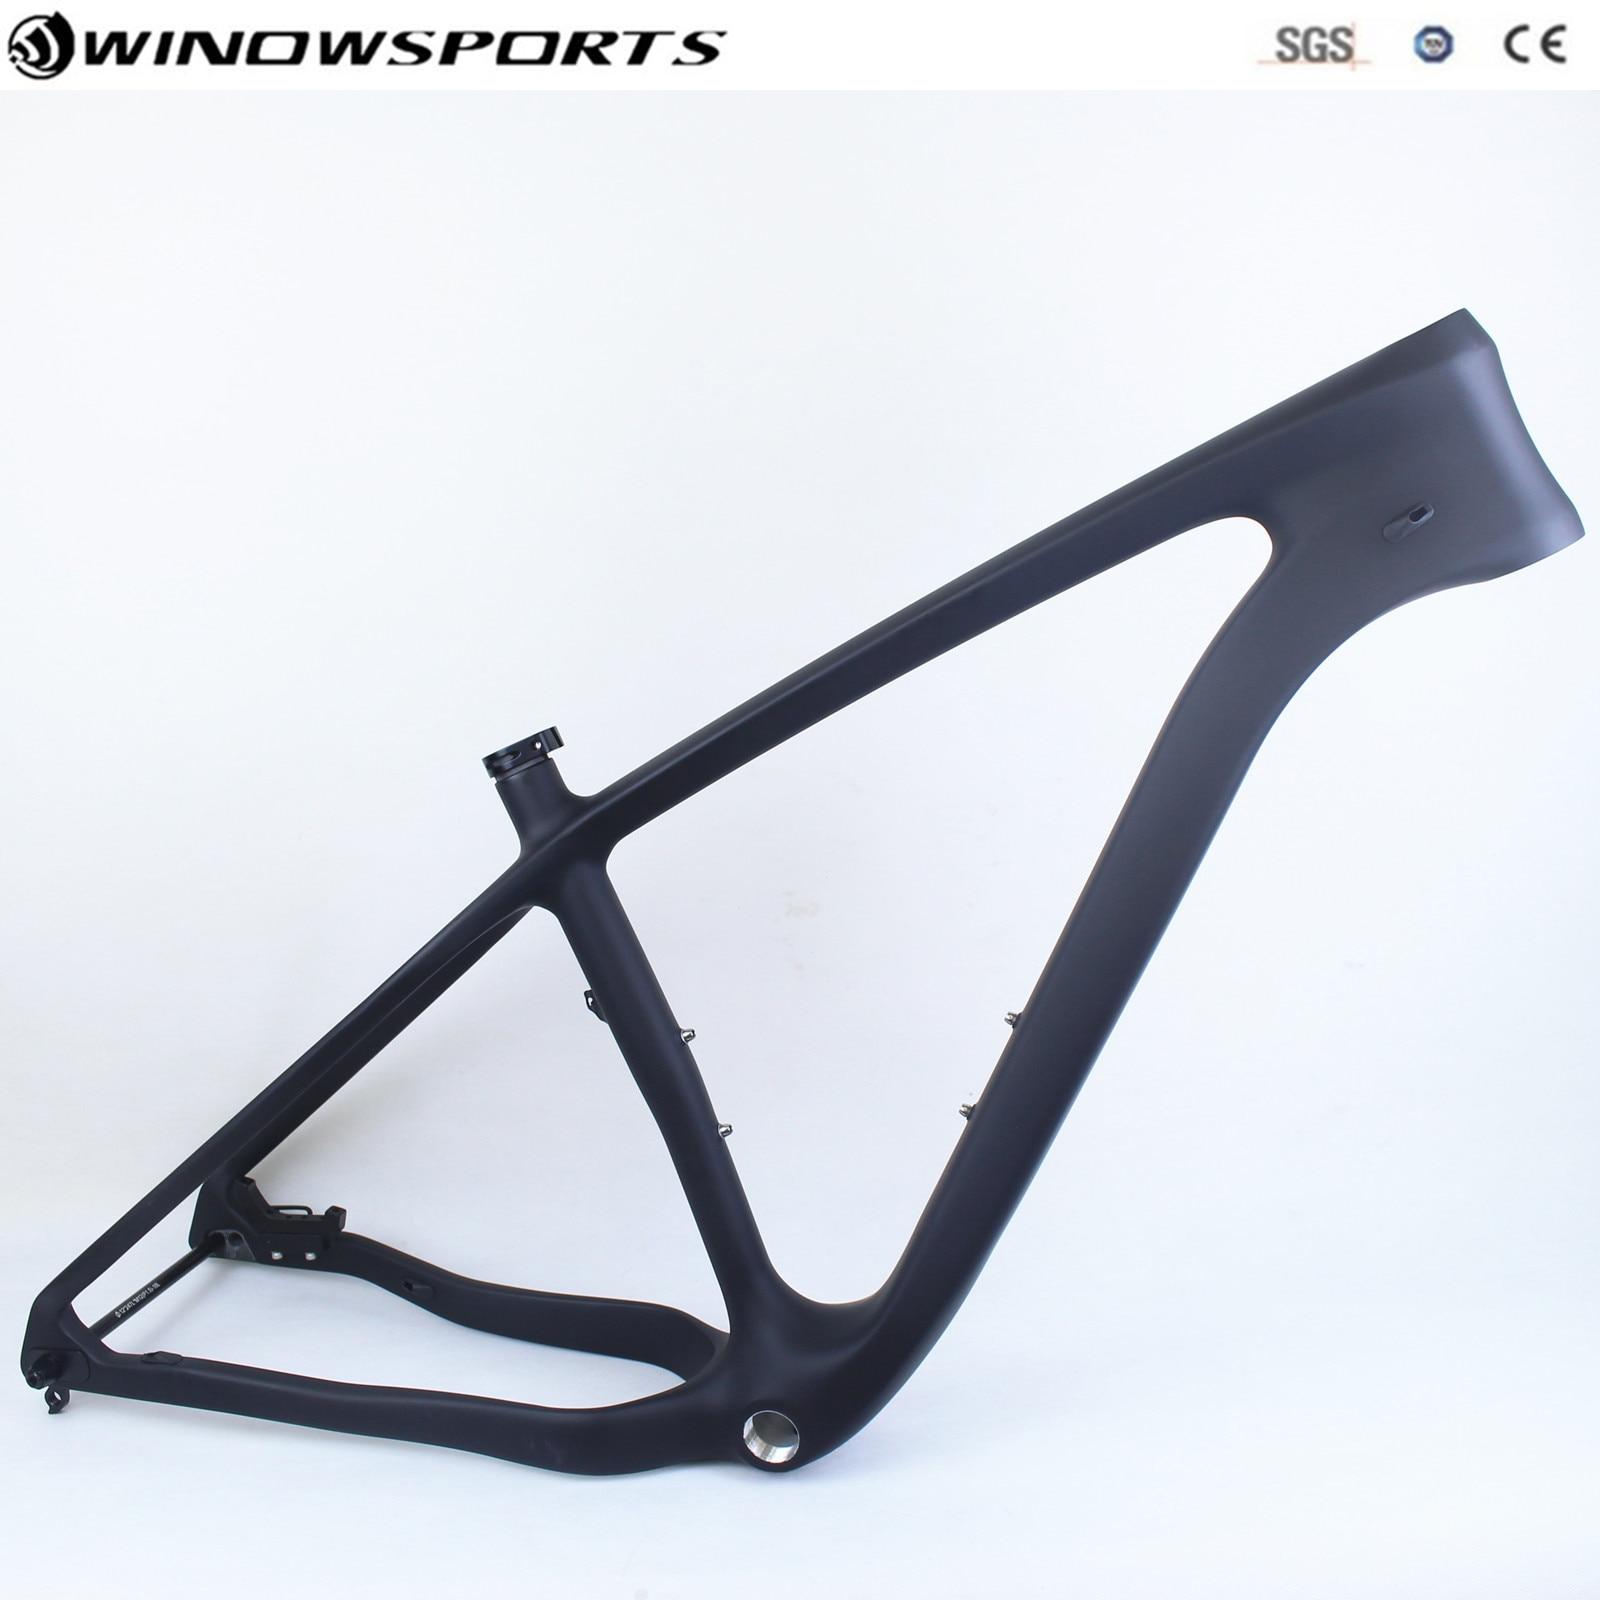 Carbon Fat Bike Frames 26er 15.5/17.5/19.5/21 Carbon Mtb Frame 26'' BSA Snow Bike Bicycle Frameset Support Tires 26er 4.8/5.0